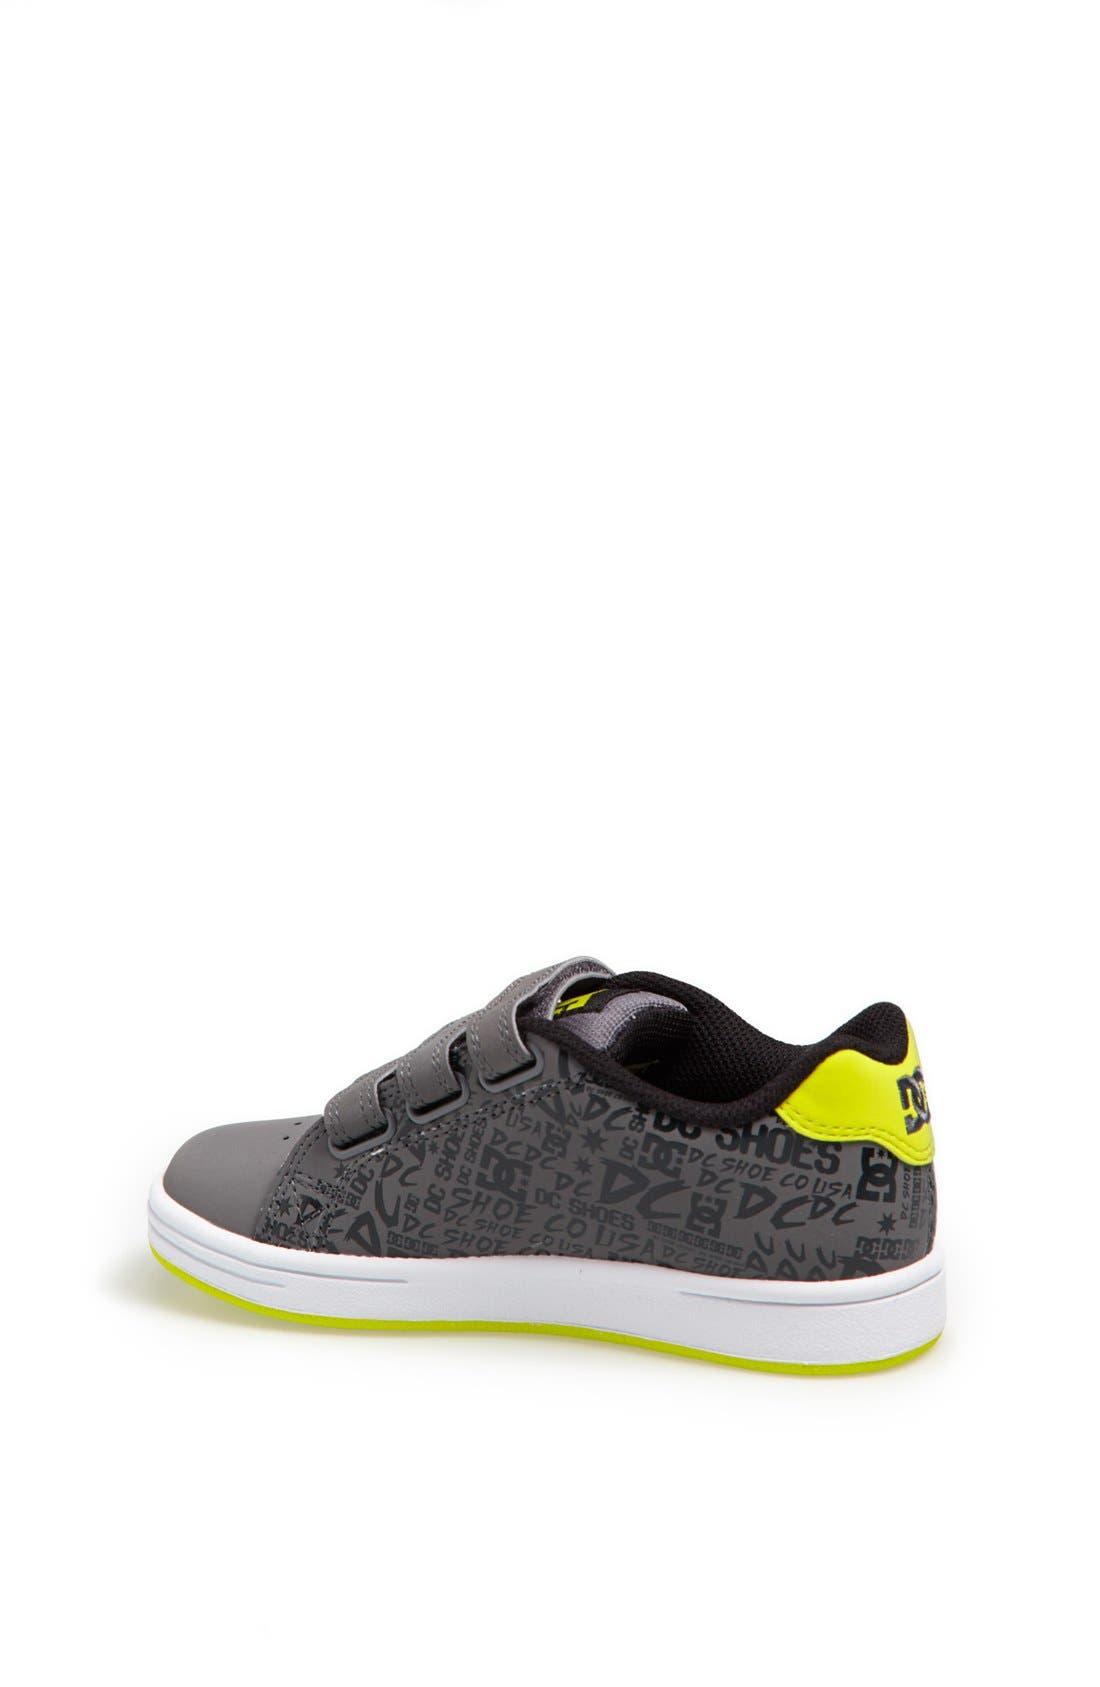 Alternate Image 2  - DC Shoes 'Character V' Sneaker (Toddler & Little Kid)